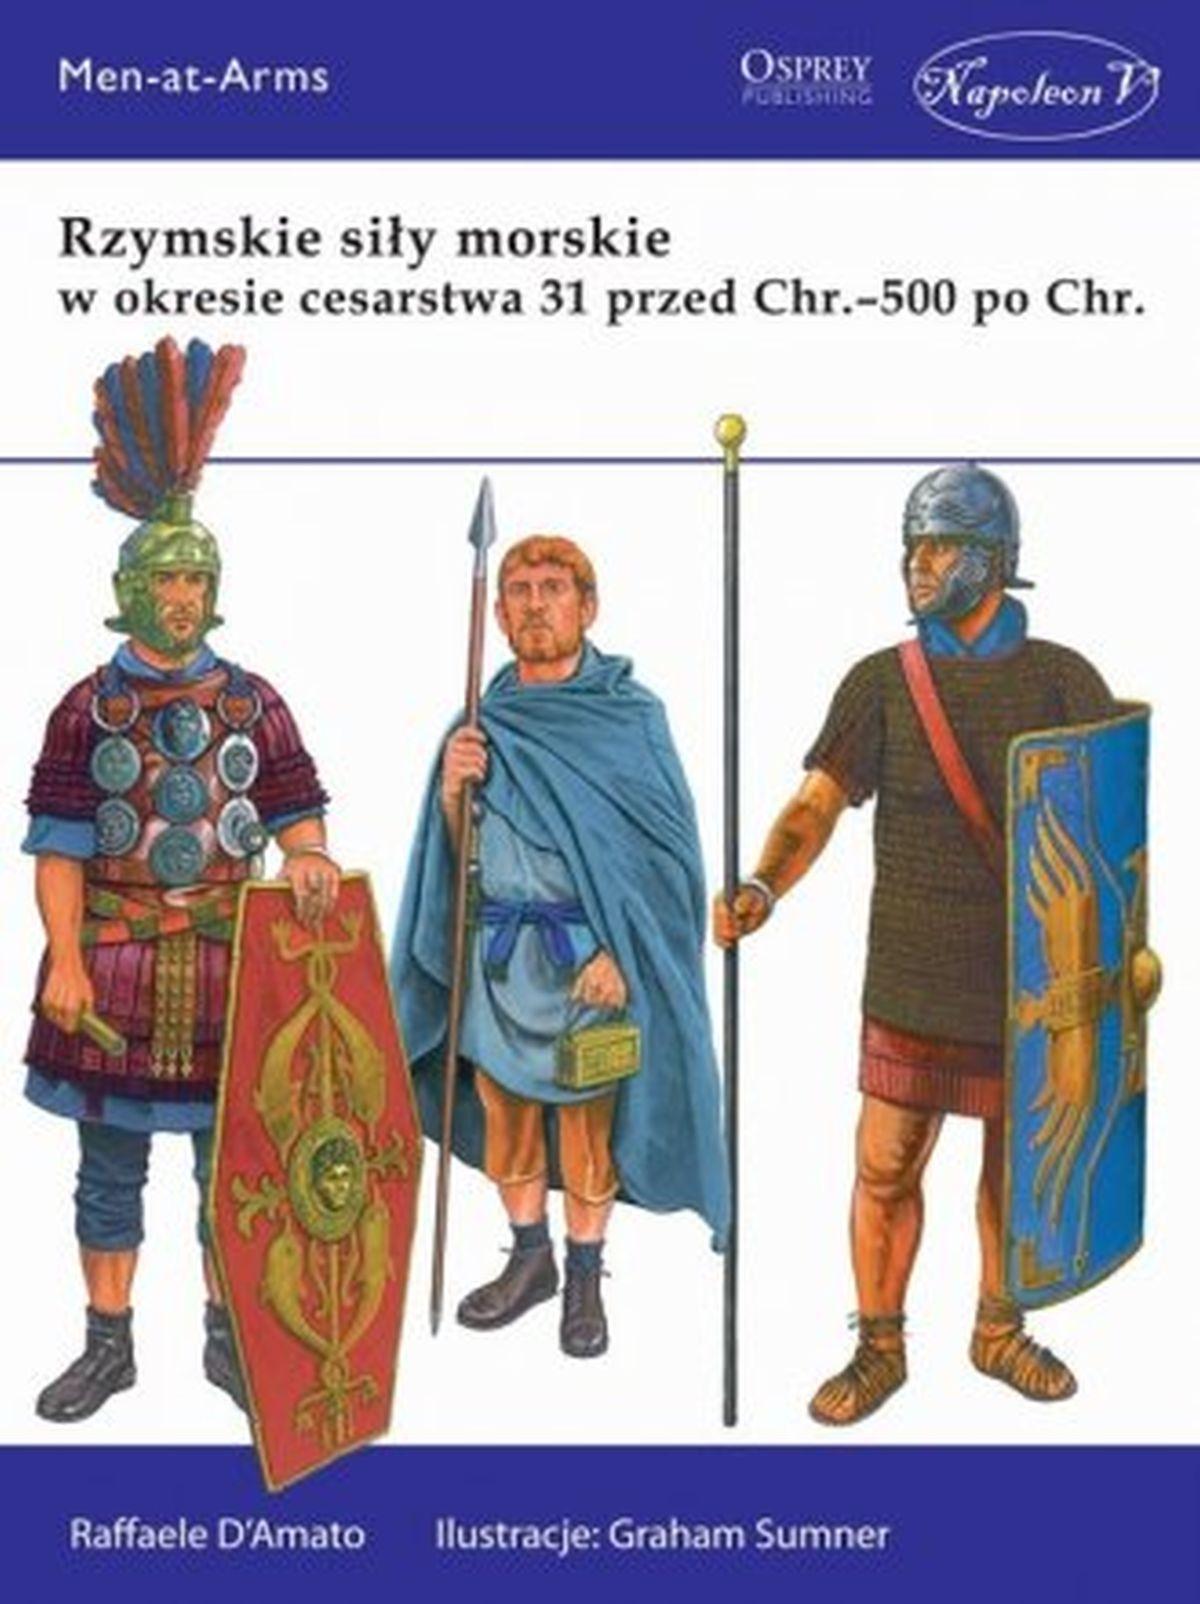 Raffaele DAmato, Rzymskie siły morskie w okresie cesarstwa 31 przed Chr.-500 po Chr